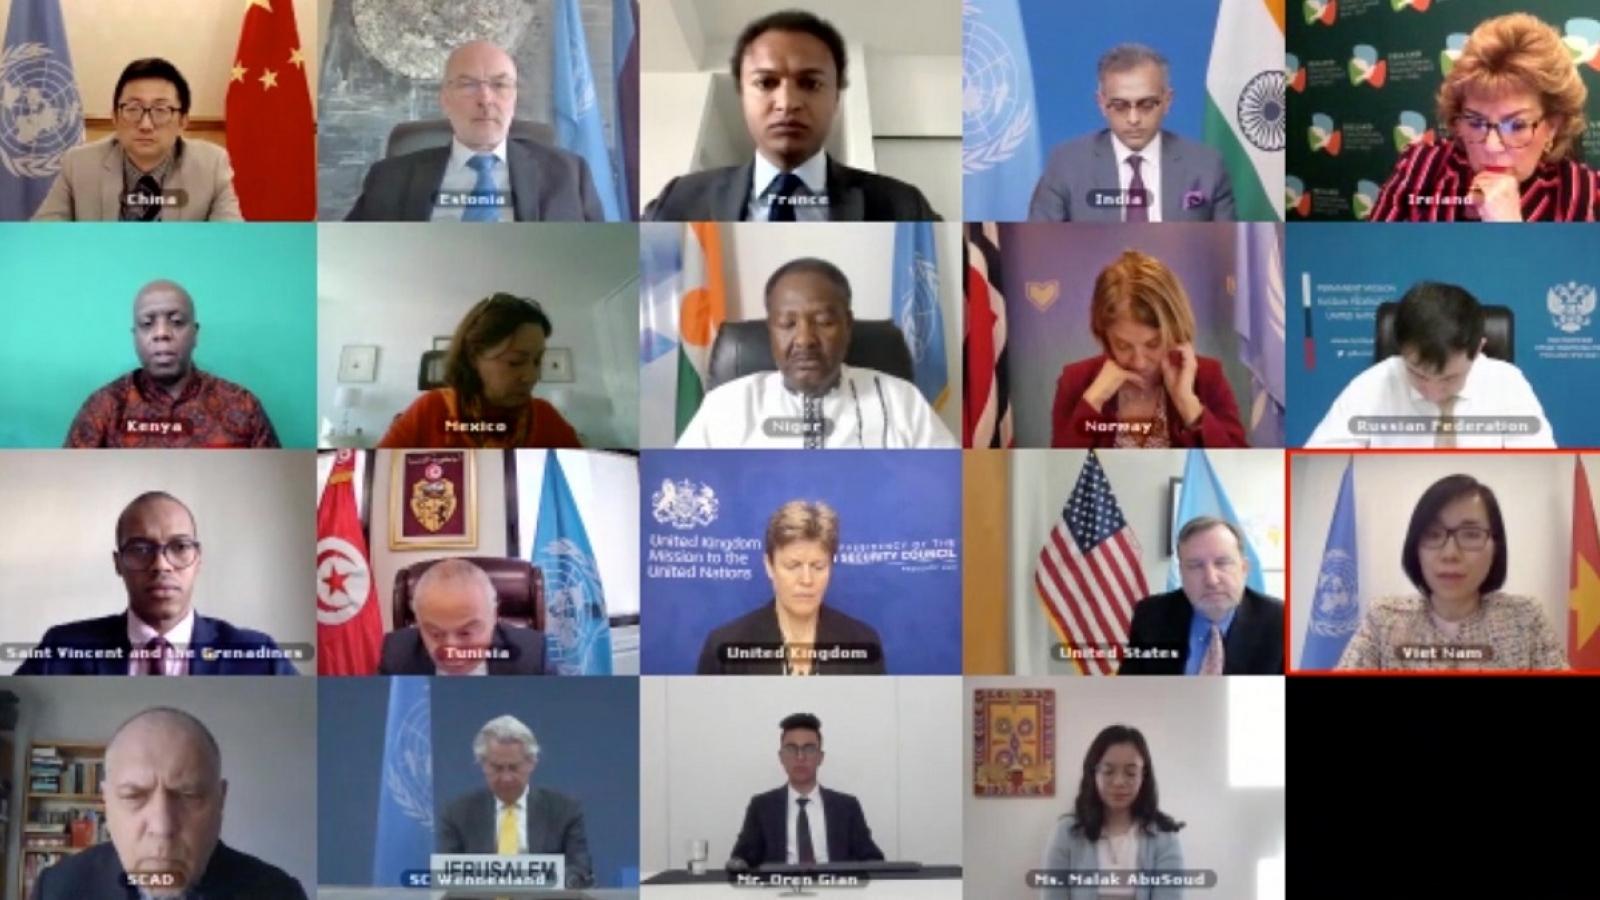 Hội đồng Bảo an Liên hợp quốc thảo luận về tình hình Trung Đông, bao gồm vấn đề Palestine